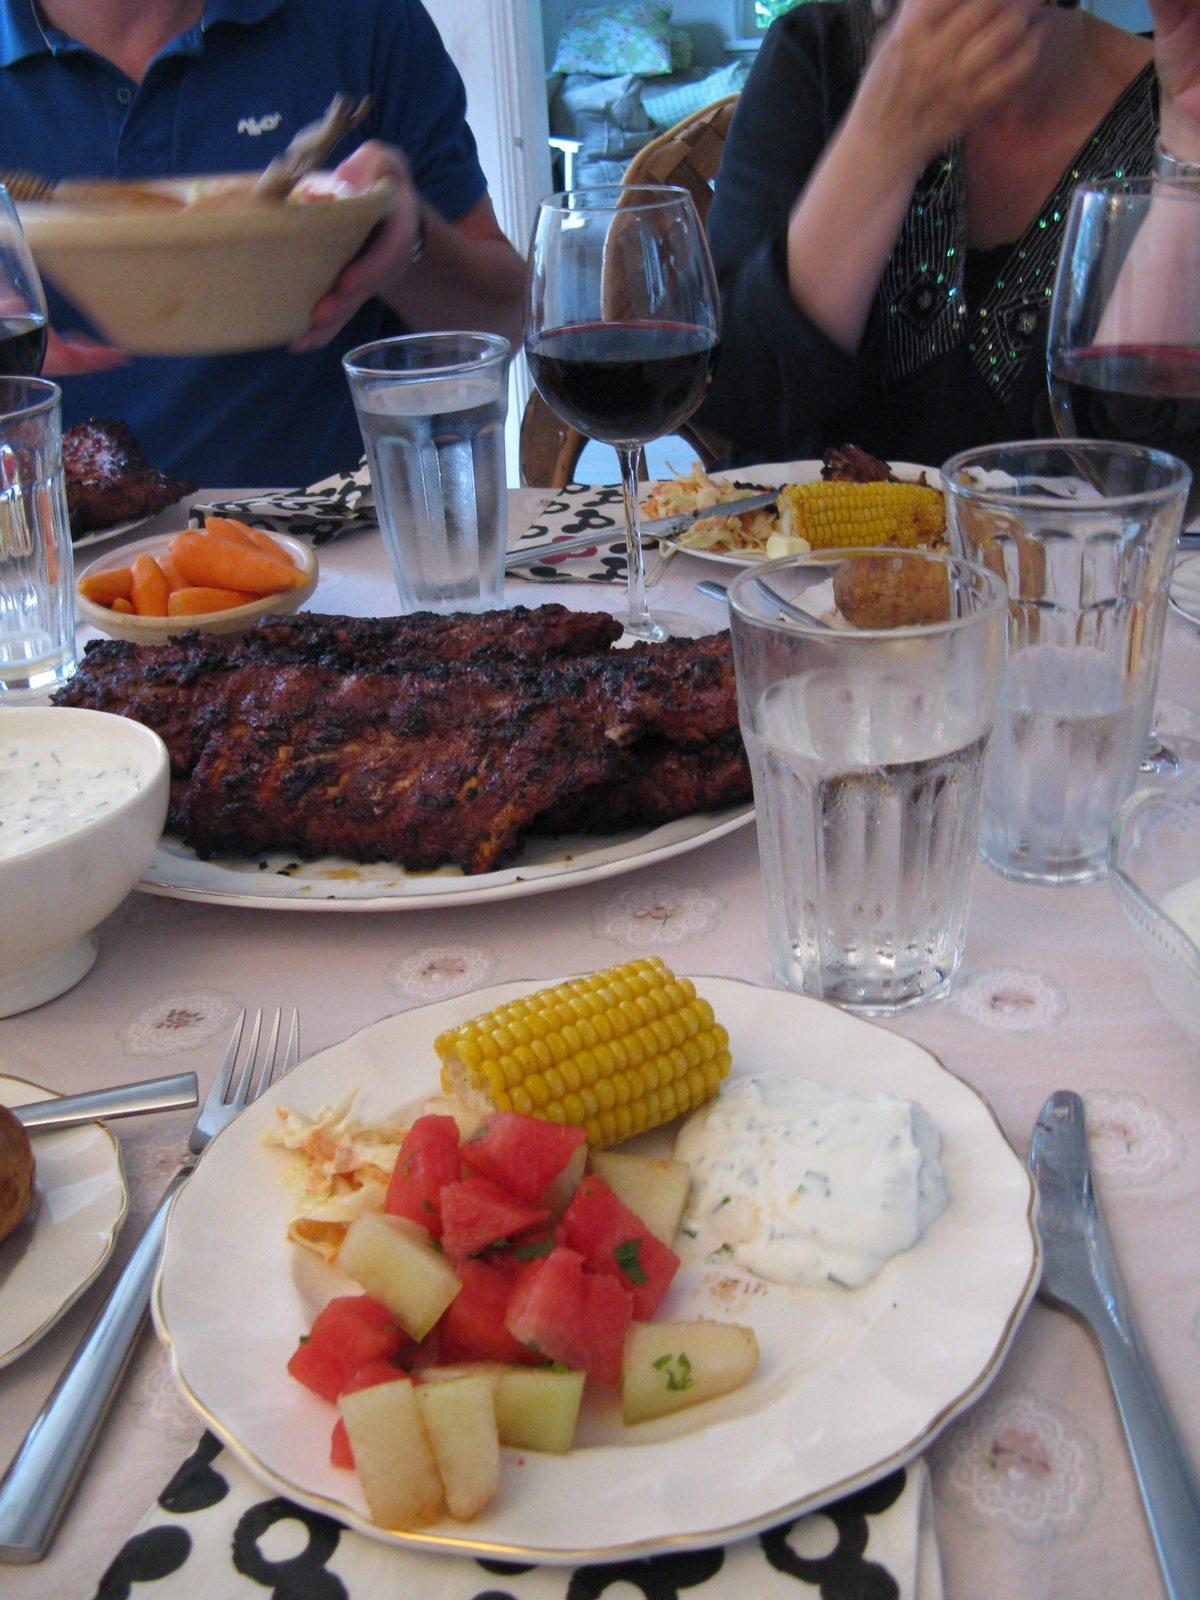 summer food at godmoms summer house 2009